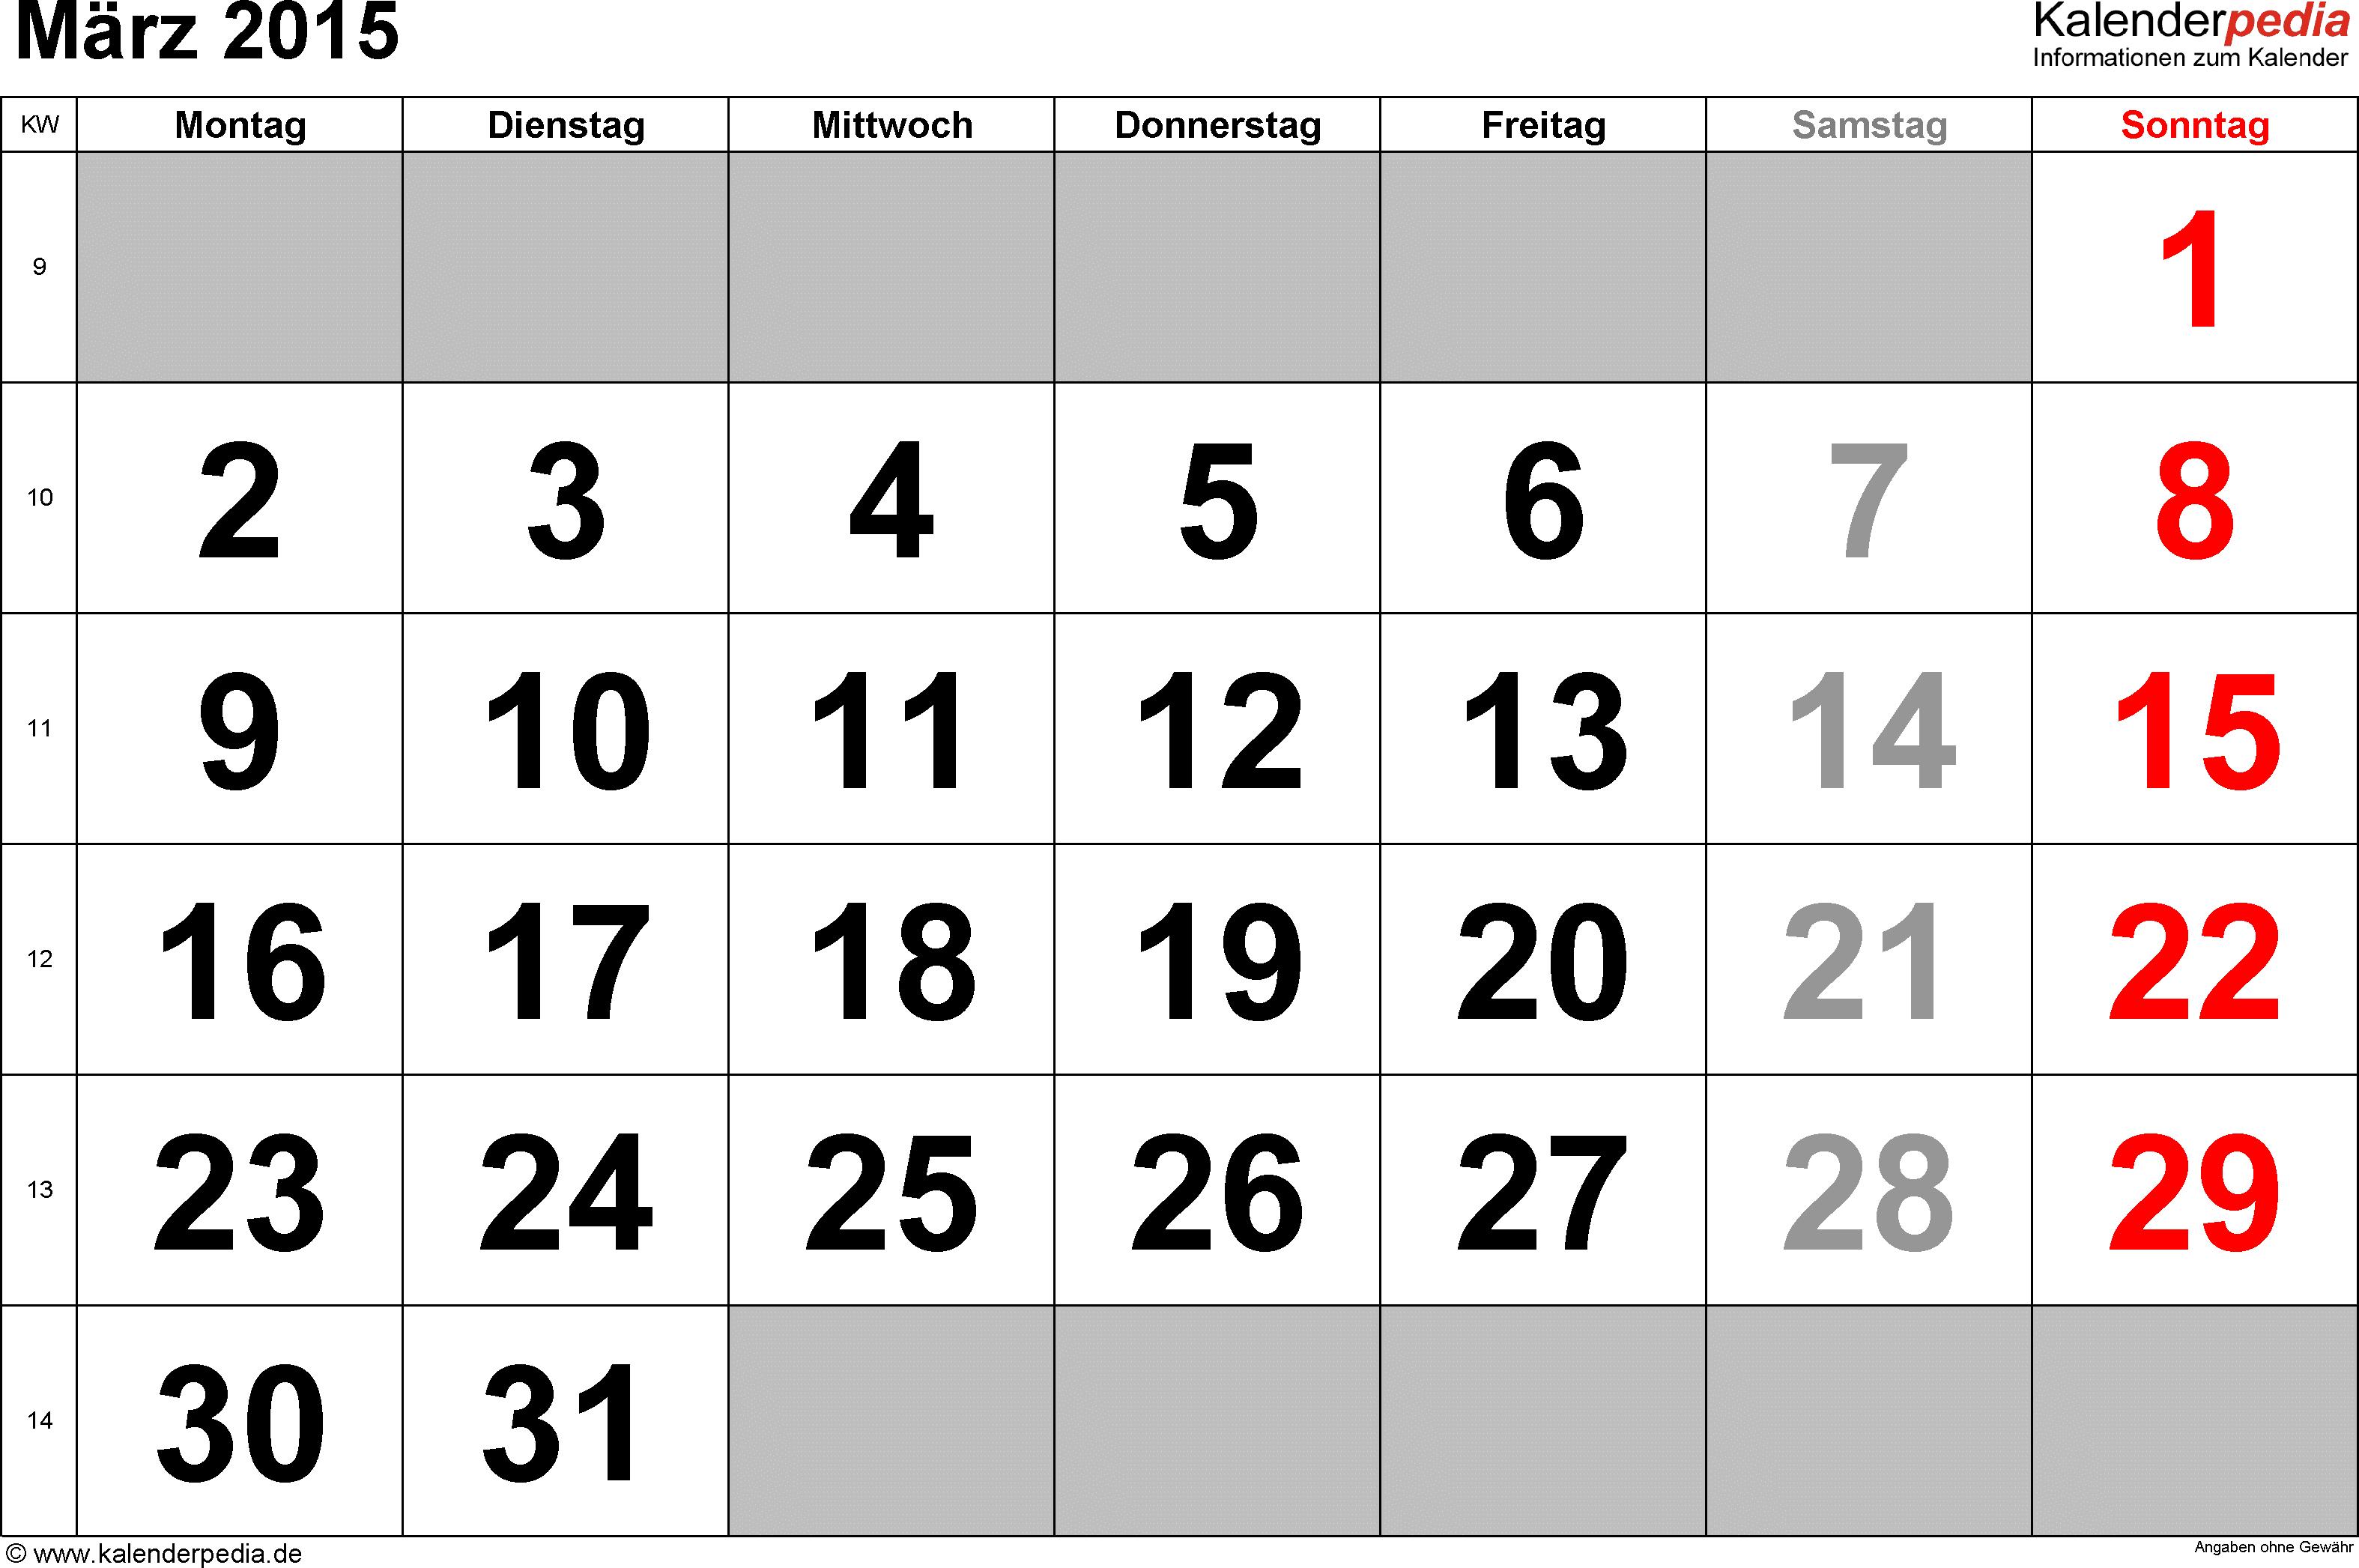 Mit Bundesweiten Feiertagen Kalenderwochen M Rz 2015